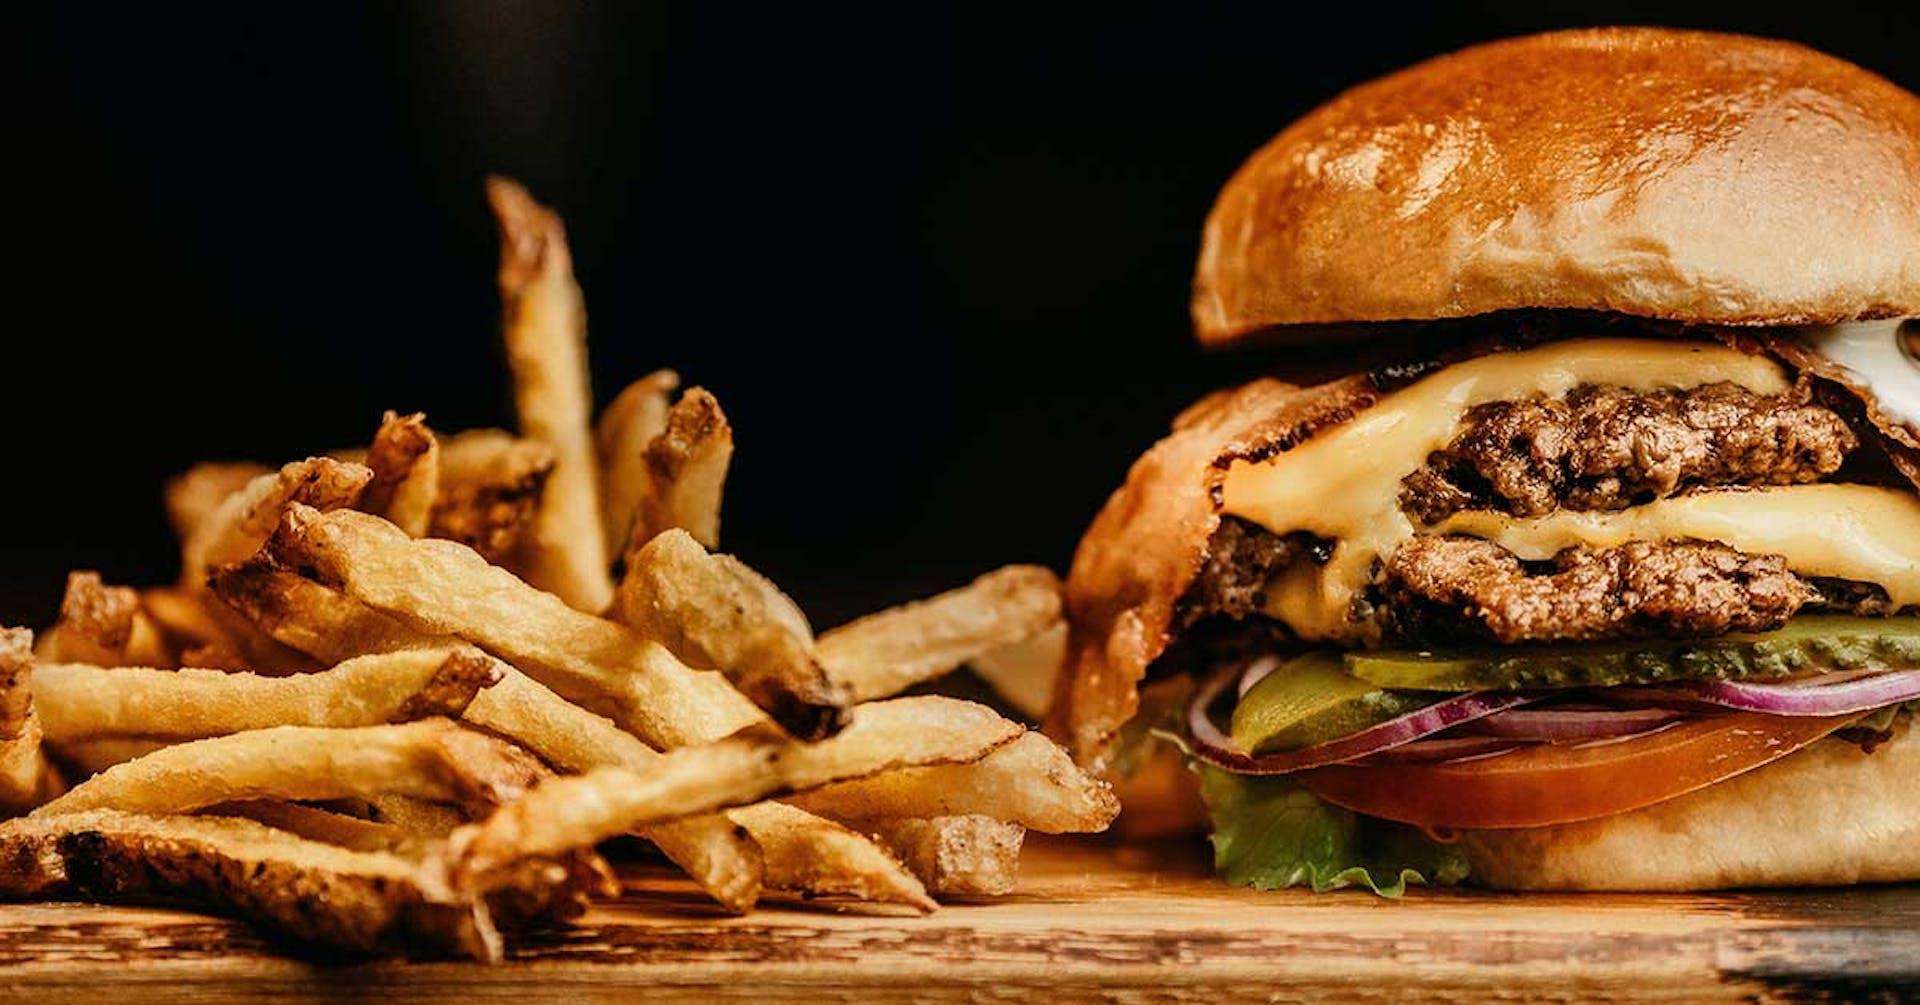 Cómo preparar carne para hamburguesas: ¡pasa de aficionado a experto!